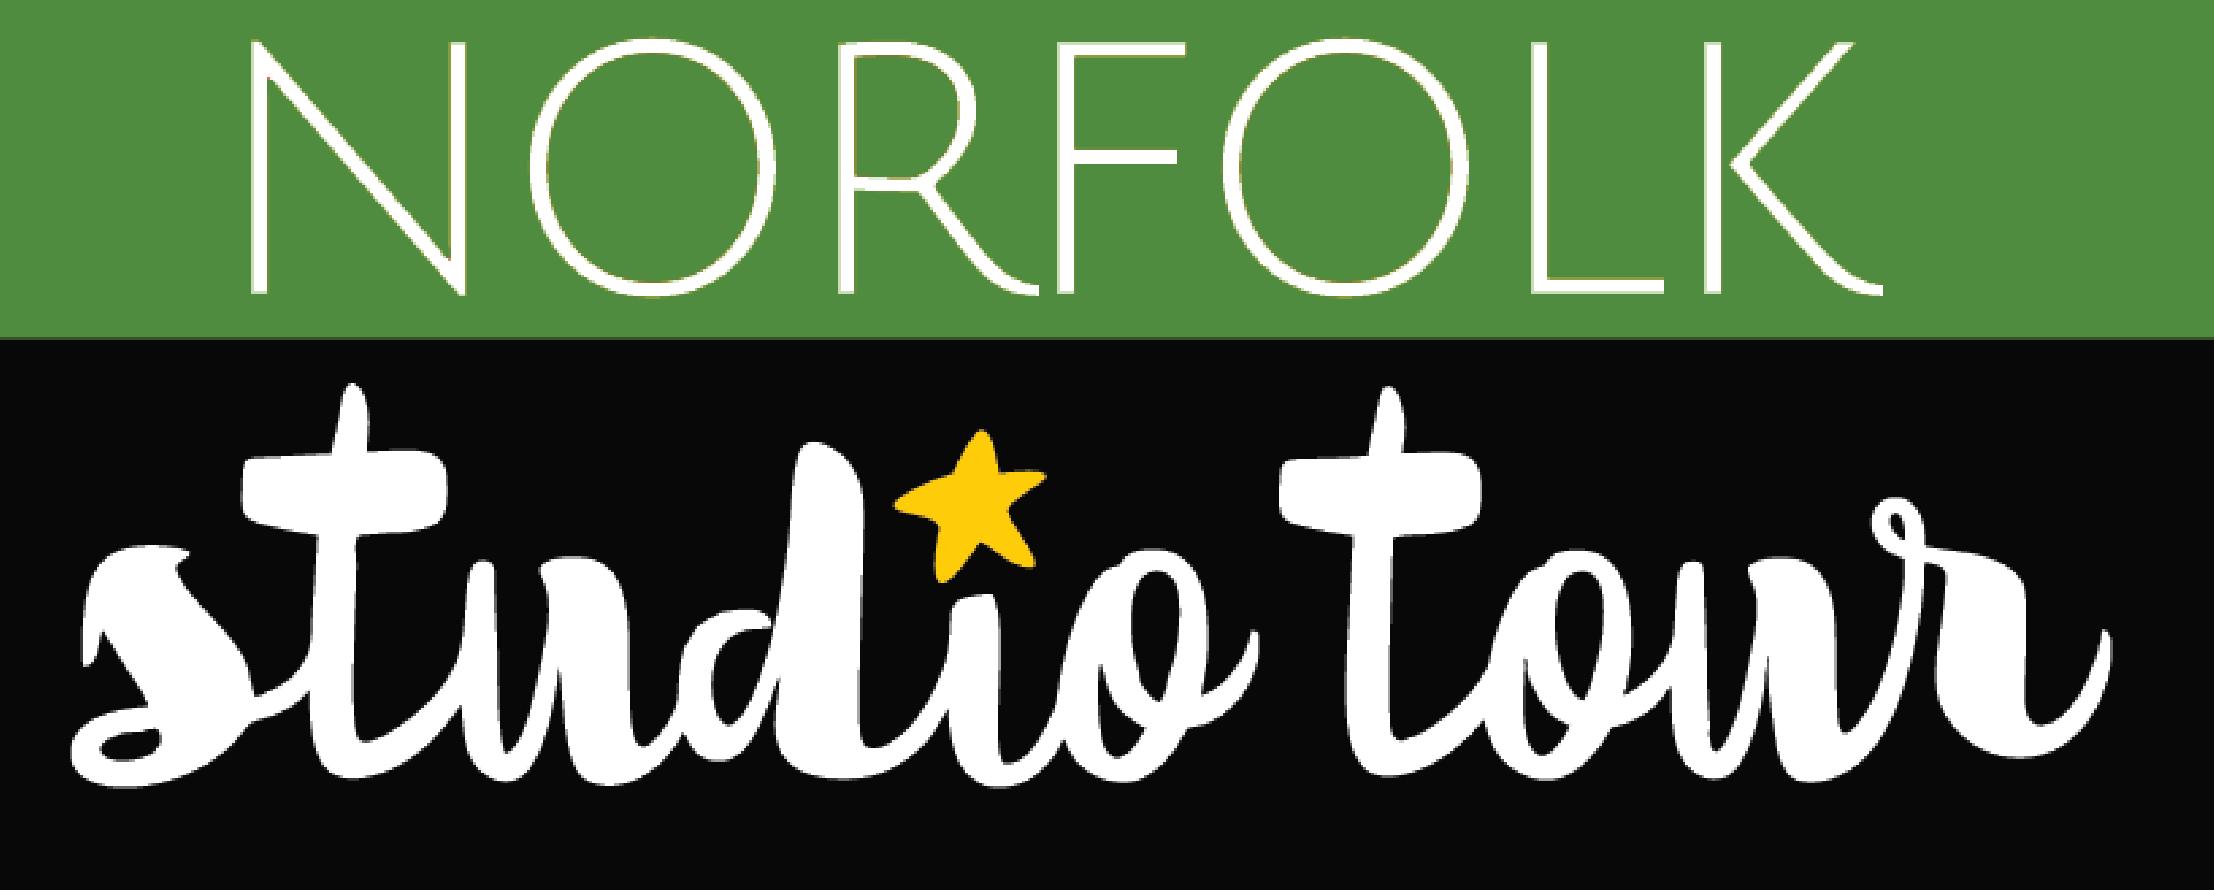 Norfolk Studio Tour Logo